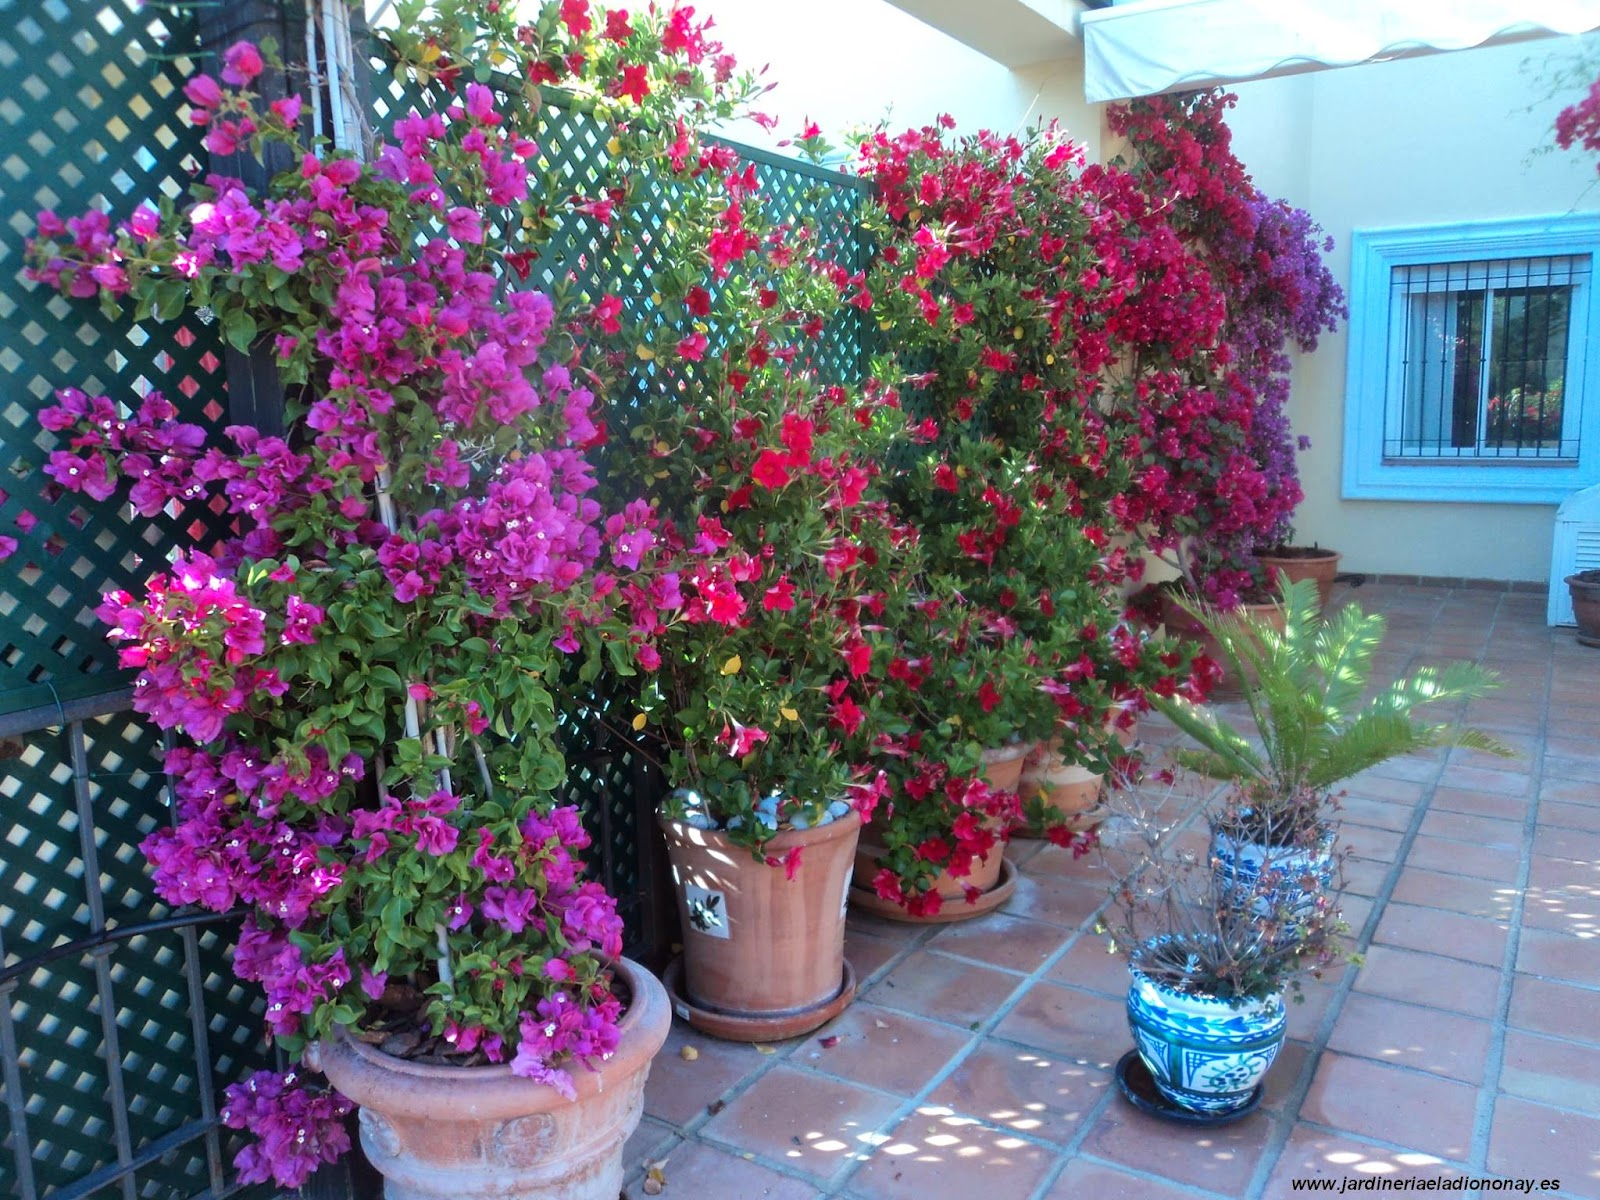 Jardineria eladio nonay celos as jardiner a eladio nonay - Madreselva en maceta ...